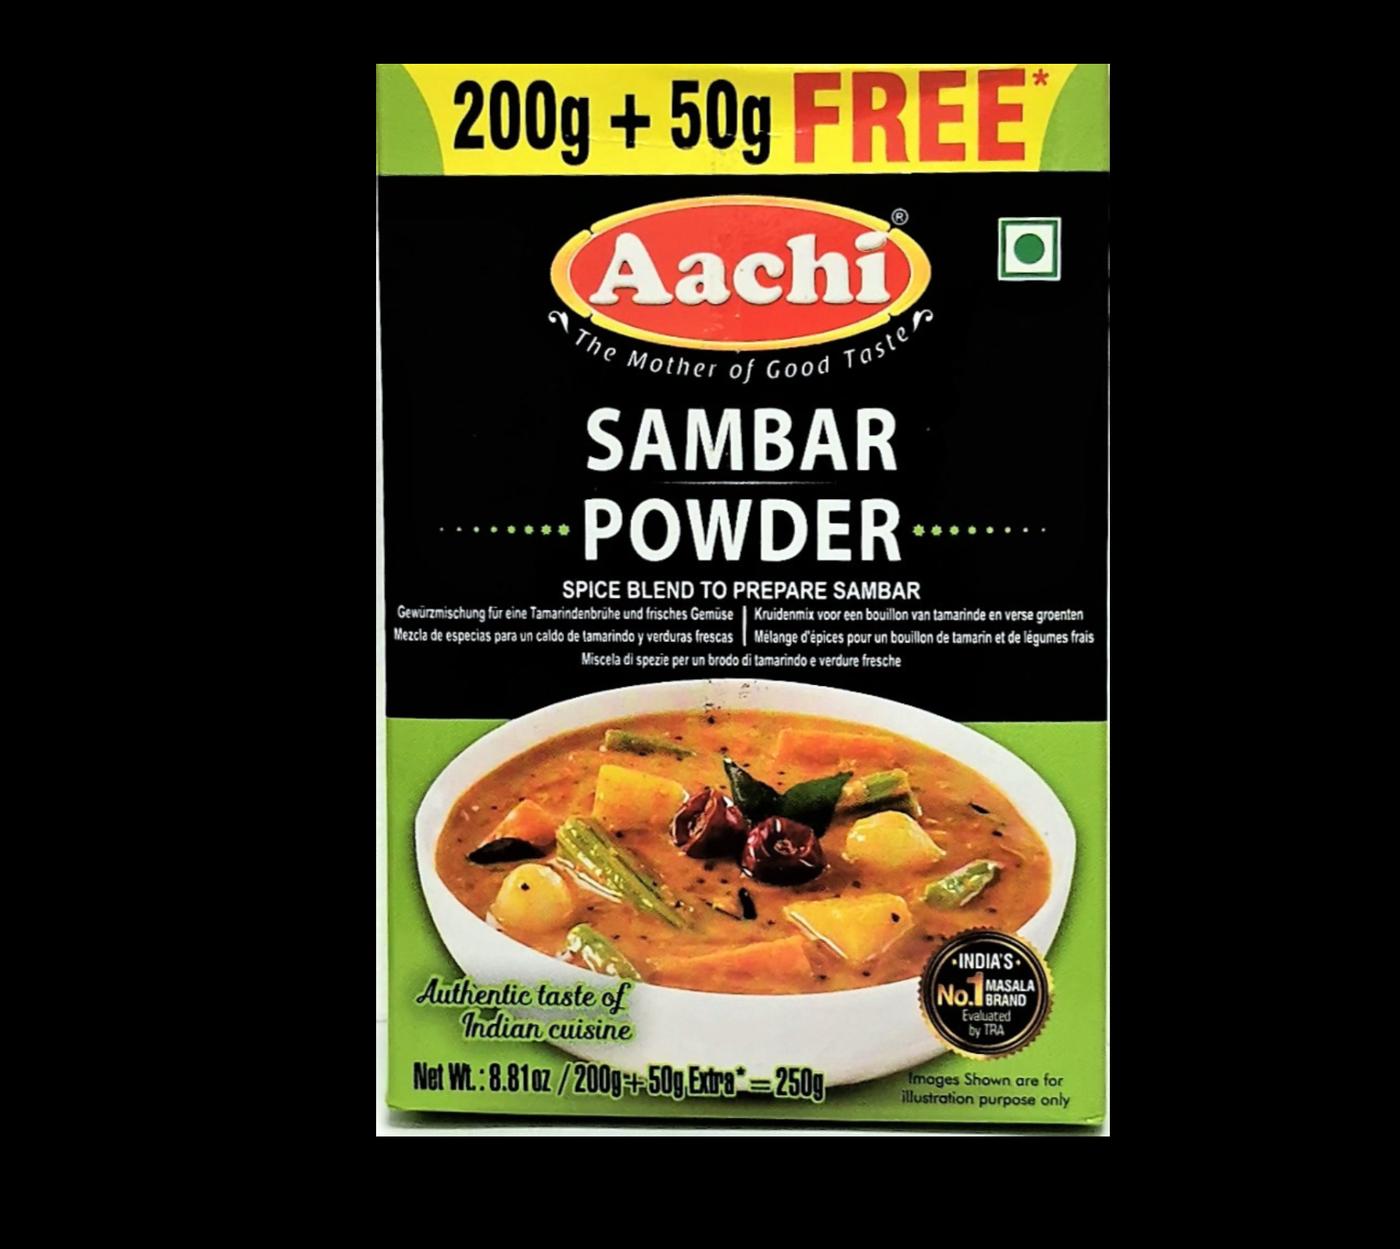 Aachi Sambar Powder